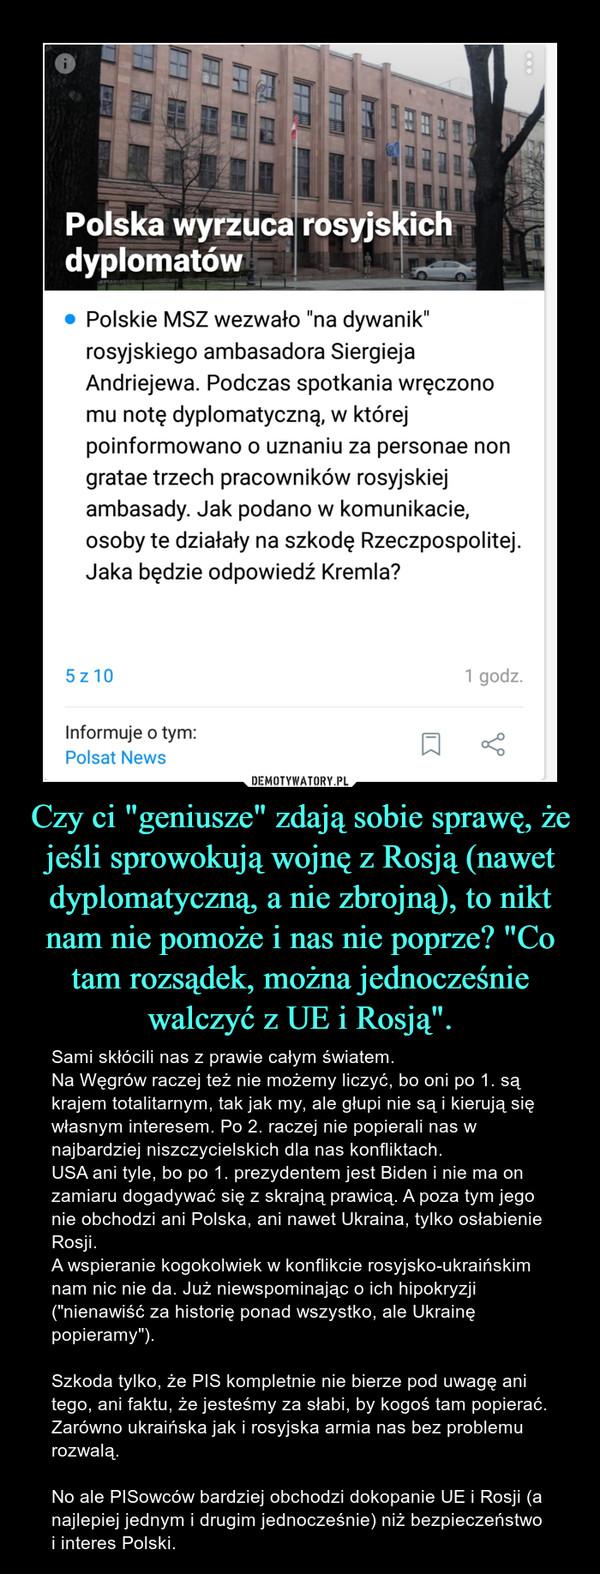 """Czy ci """"geniusze"""" zdają sobie sprawę, że jeśli sprowokują wojnę z Rosją (nawet dyplomatyczną, a nie zbrojną), to nikt nam nie pomoże i nas nie poprze? """"Co tam rozsądek, można jednocześnie walczyć z UE i Rosją"""". – Sami skłócili nas z prawie całym światem. Na Węgrów raczej też nie możemy liczyć, bo oni po 1. są krajem totalitarnym, tak jak my, ale głupi nie są i kierują się własnym interesem. Po 2. raczej nie popierali nas w najbardziej niszczycielskich dla nas konfliktach.USA ani tyle, bo po 1. prezydentem jest Biden i nie ma on zamiaru dogadywać się z skrajną prawicą. A poza tym jego nie obchodzi ani Polska, ani nawet Ukraina, tylko osłabienie Rosji. A wspieranie kogokolwiek w konflikcie rosyjsko-ukraińskim nam nic nie da. Już niewspominając o ich hipokryzji (""""nienawiść za historię ponad wszystko, ale Ukrainę popieramy""""). Szkoda tylko, że PIS kompletnie nie bierze pod uwagę ani tego, ani faktu, że jesteśmy za słabi, by kogoś tam popierać. Zarówno ukraińska jak i rosyjska armia nas bez problemu rozwalą. No ale PISowców bardziej obchodzi dokopanie UE i Rosji (a najlepiej jednym i drugim jednocześnie) niż bezpieczeństwo i interes Polski."""